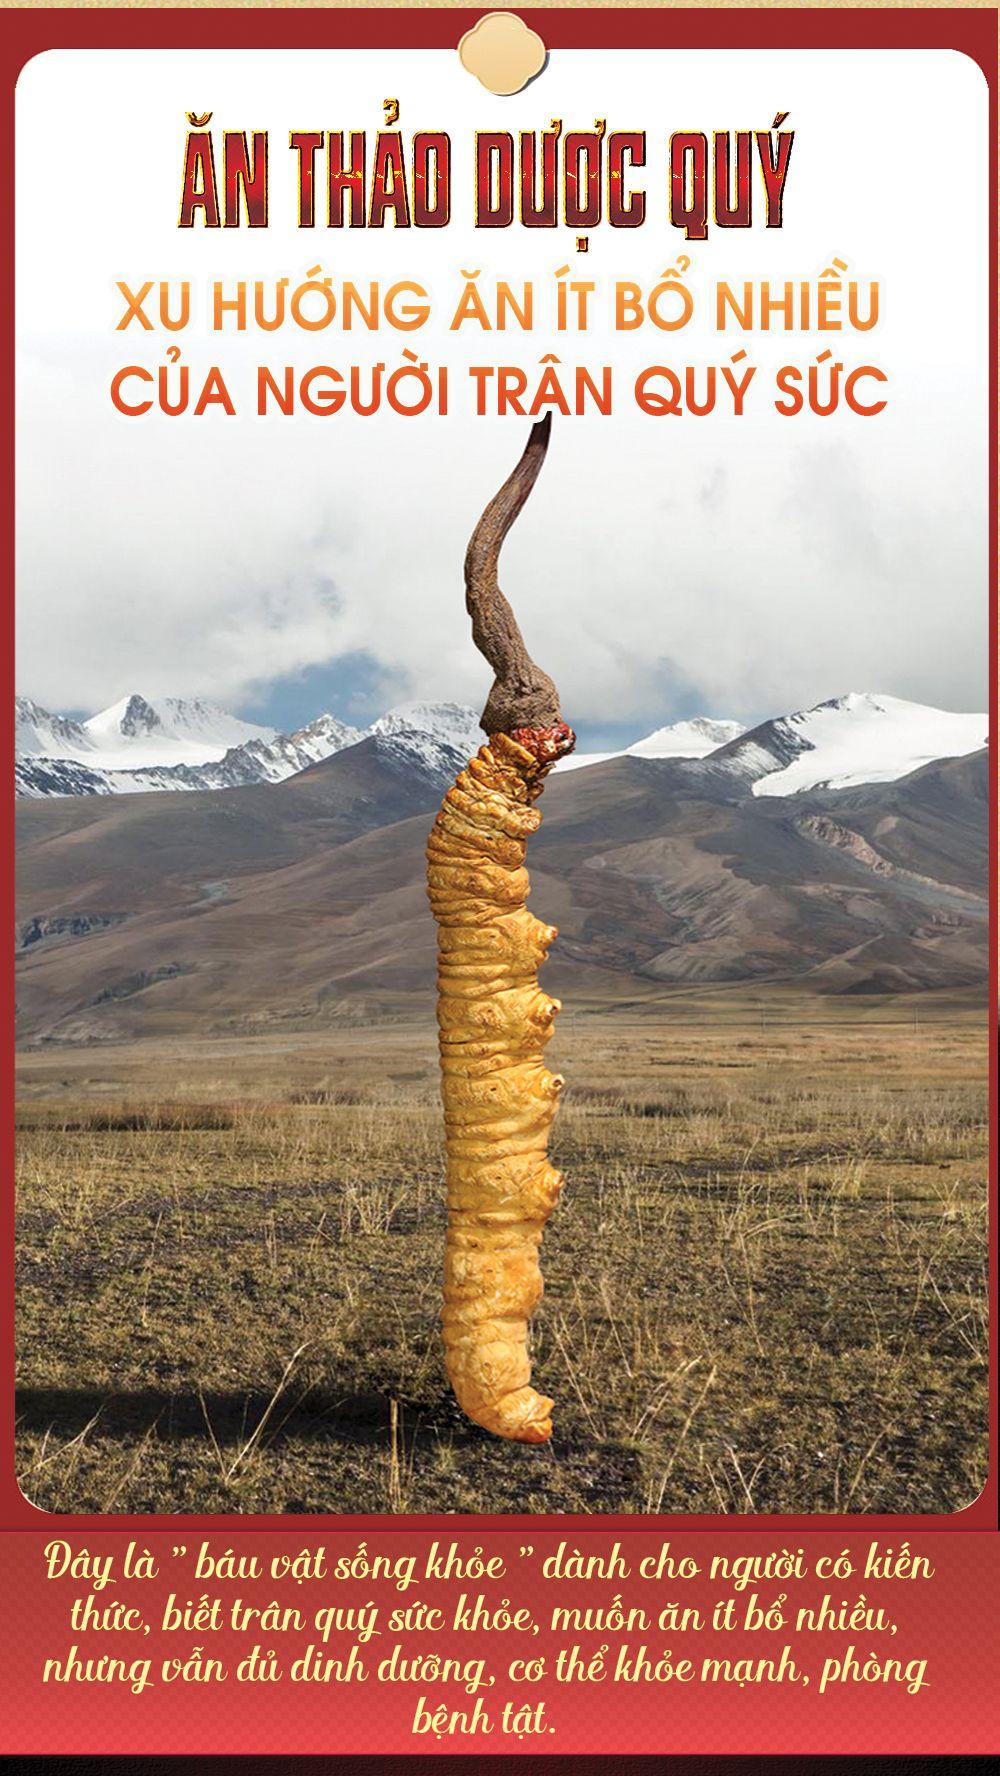 Đông trùng hạ thảo nguyên con đặc biệt